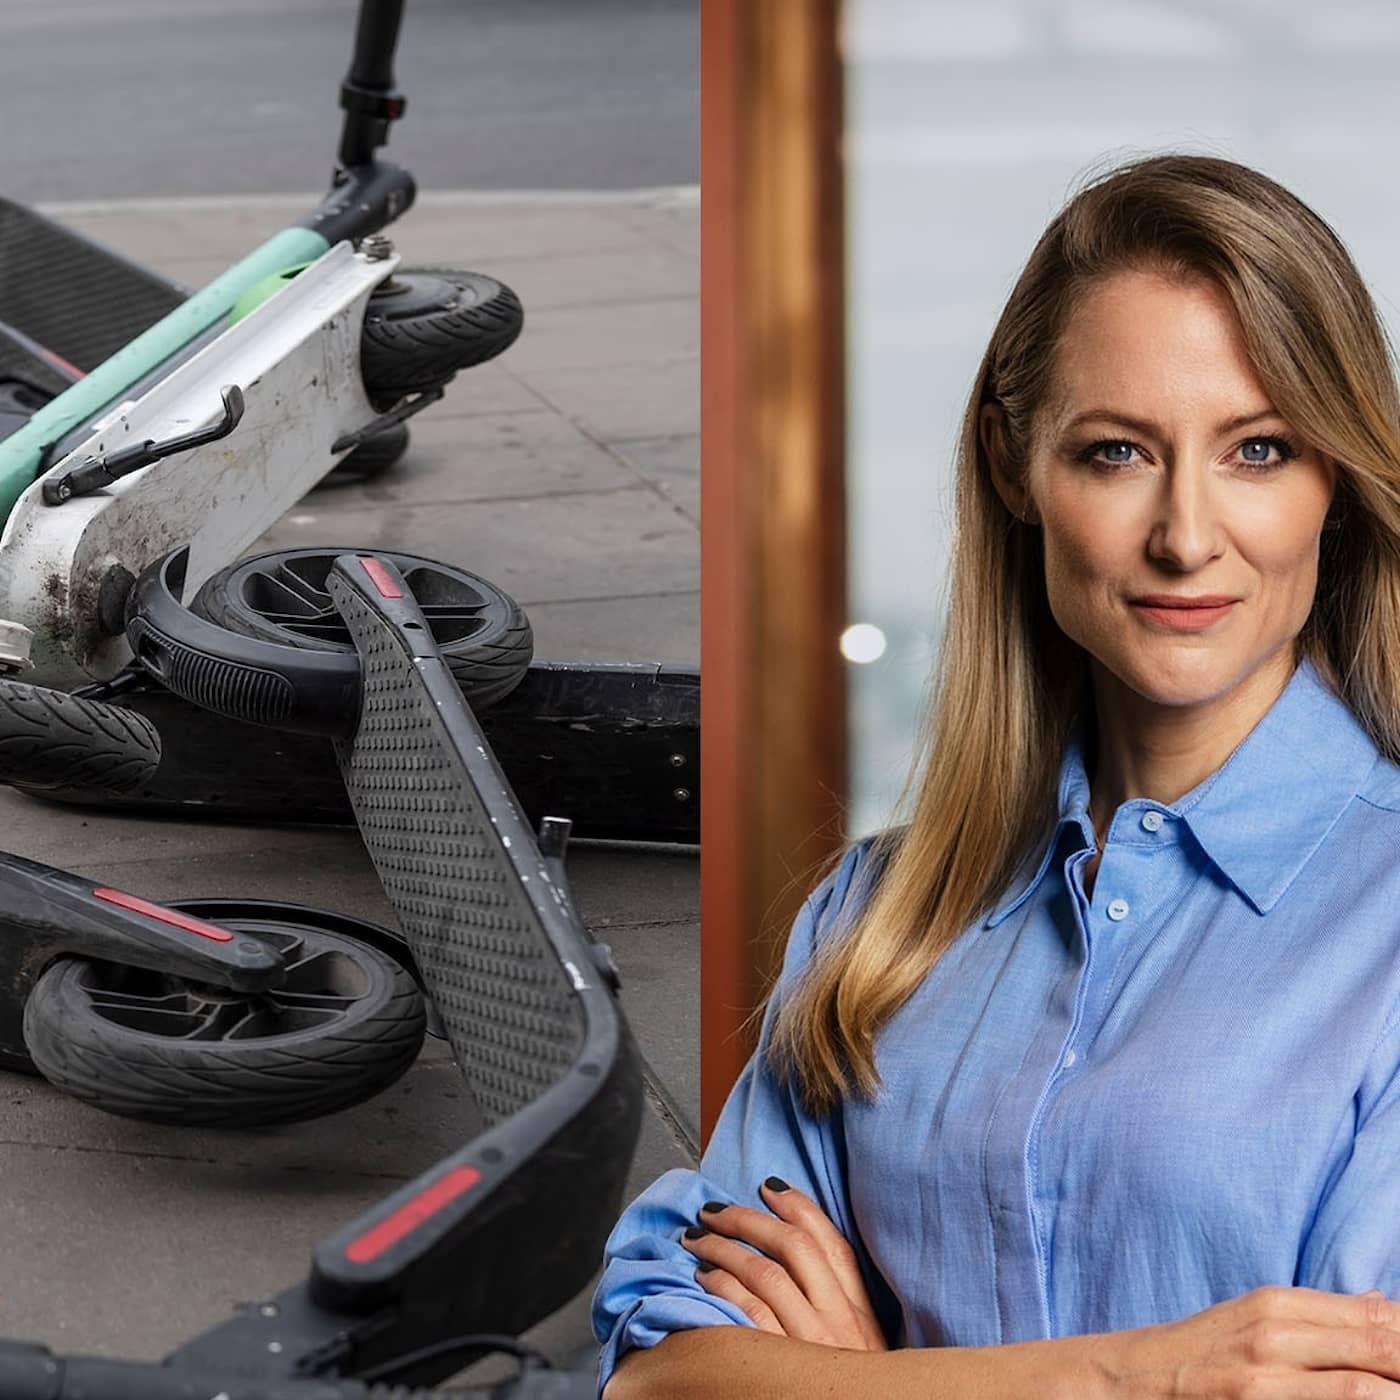 Miljardrullningen, elsparkcyklarna och kampen om våra gator